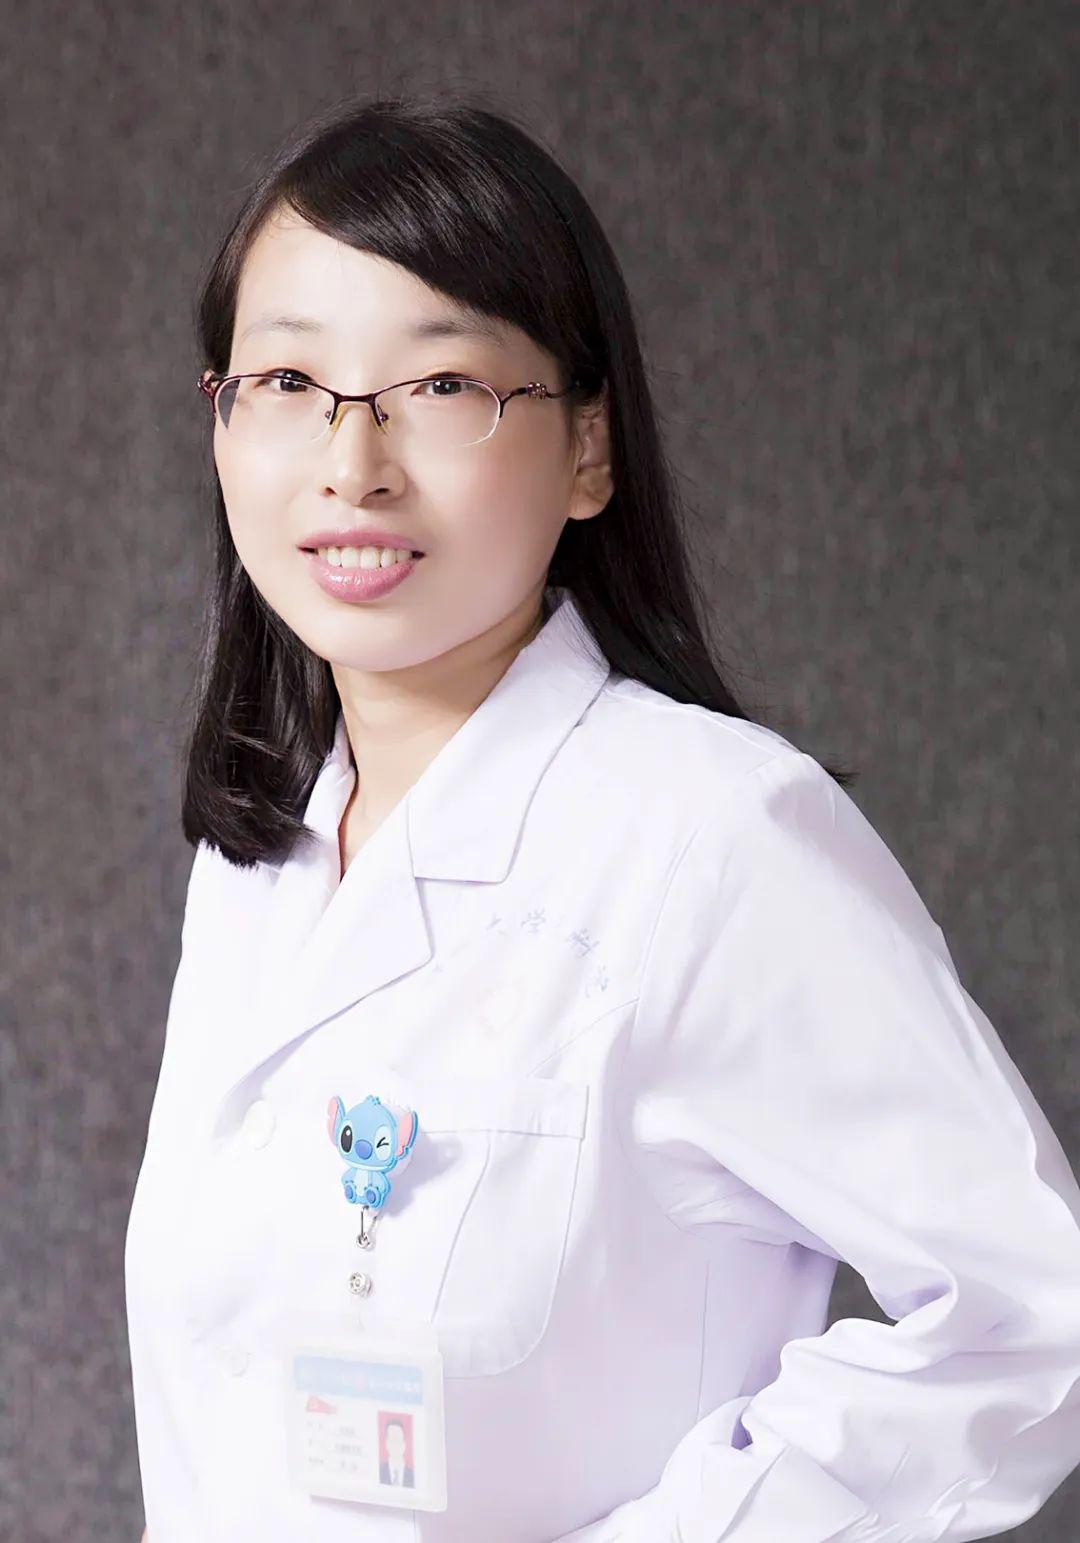 相约直播,助您好孕系列(三)---生殖医学专家为您讲解不孕症和辅助生殖技术